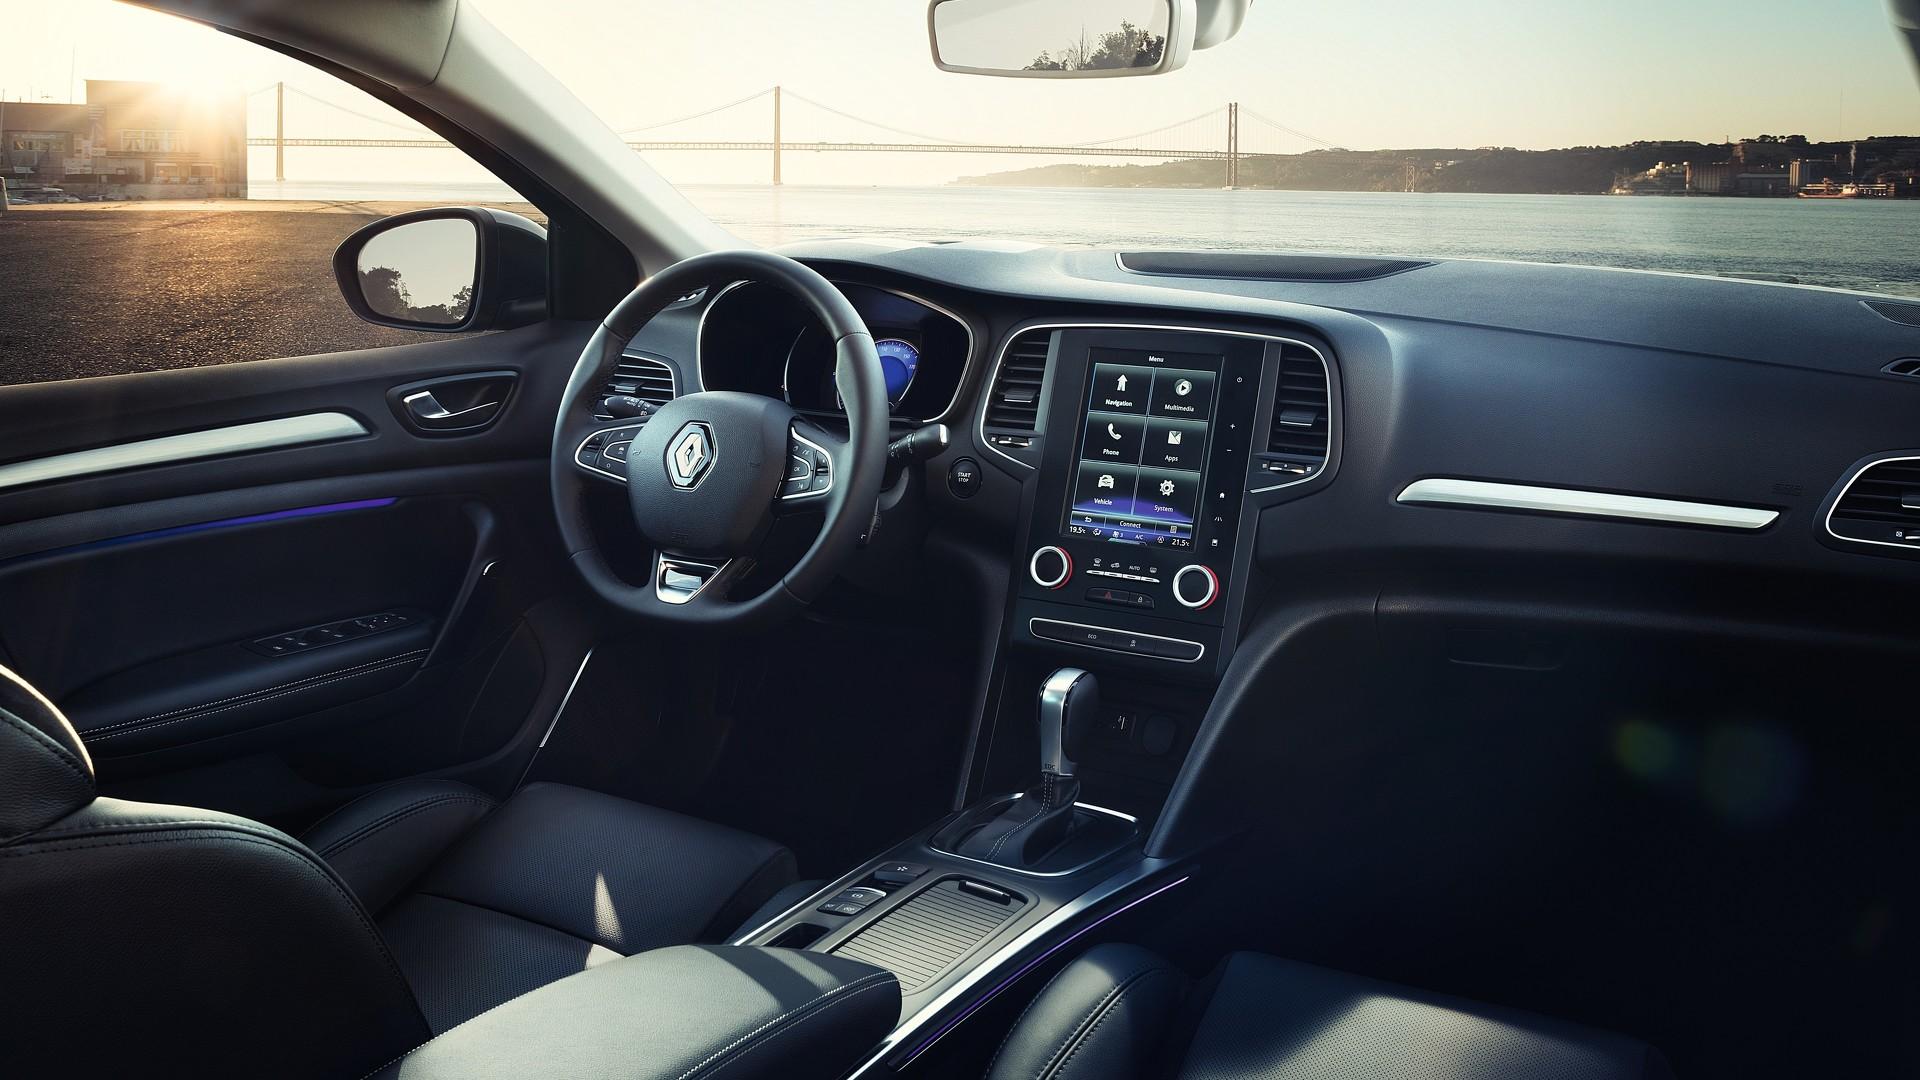 Renault Megane 2017 седан официальное фото